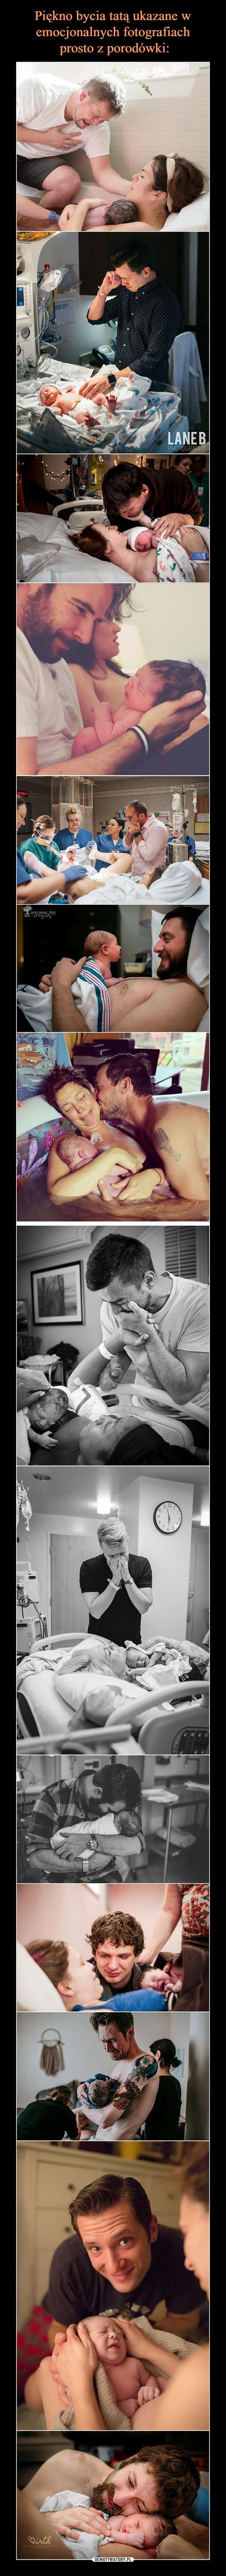 Piękno bycia tatą ukazane w emocjonalnych fotografiach  prosto z porodówki: